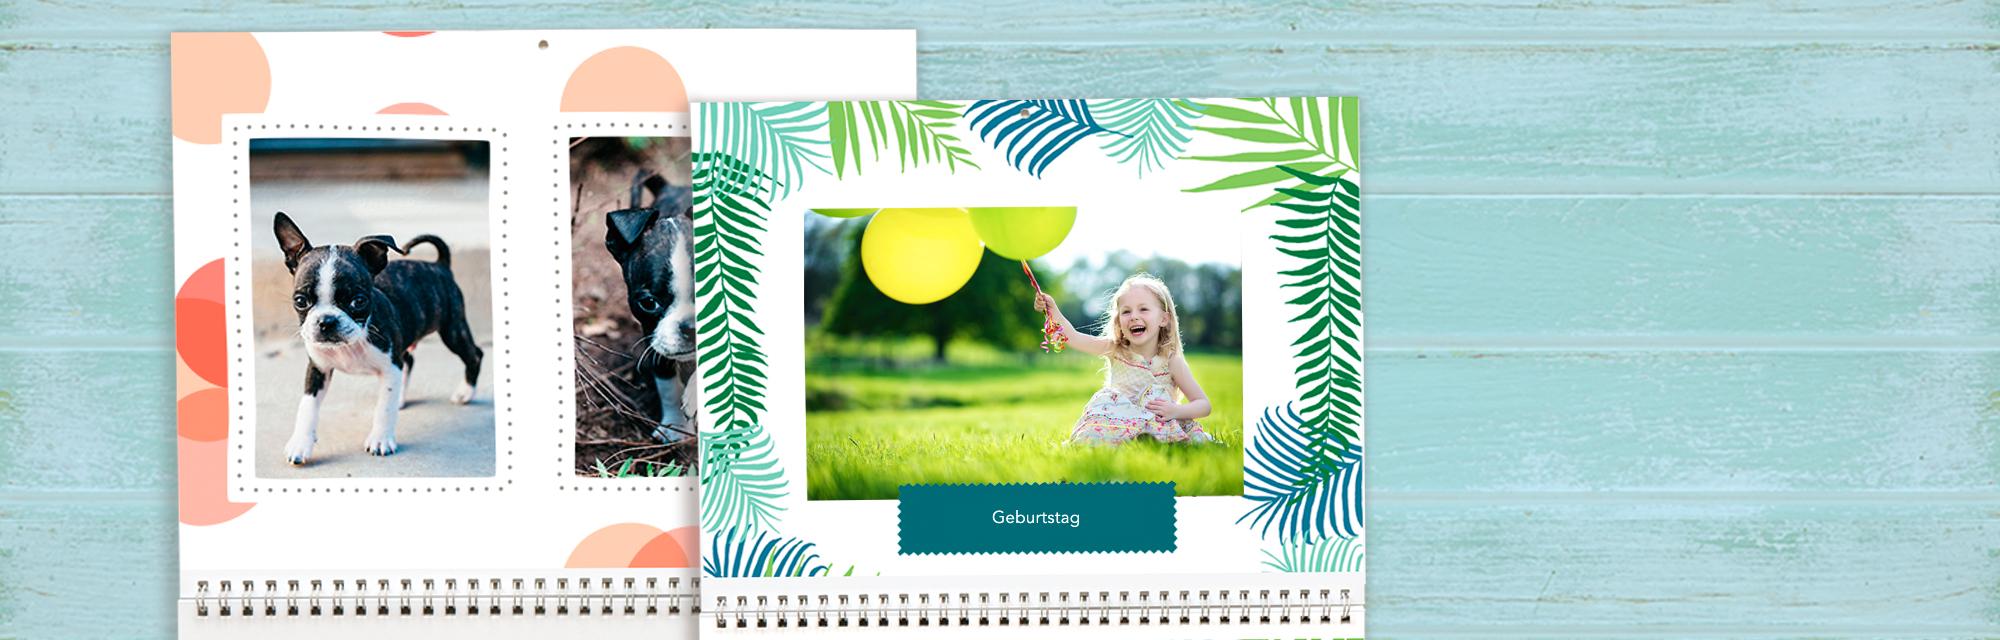 Viele Möglichkeiten :  Mit vielen verschiedenen Designmöglichkeiten verschönern Sie Ihre Fotokalender